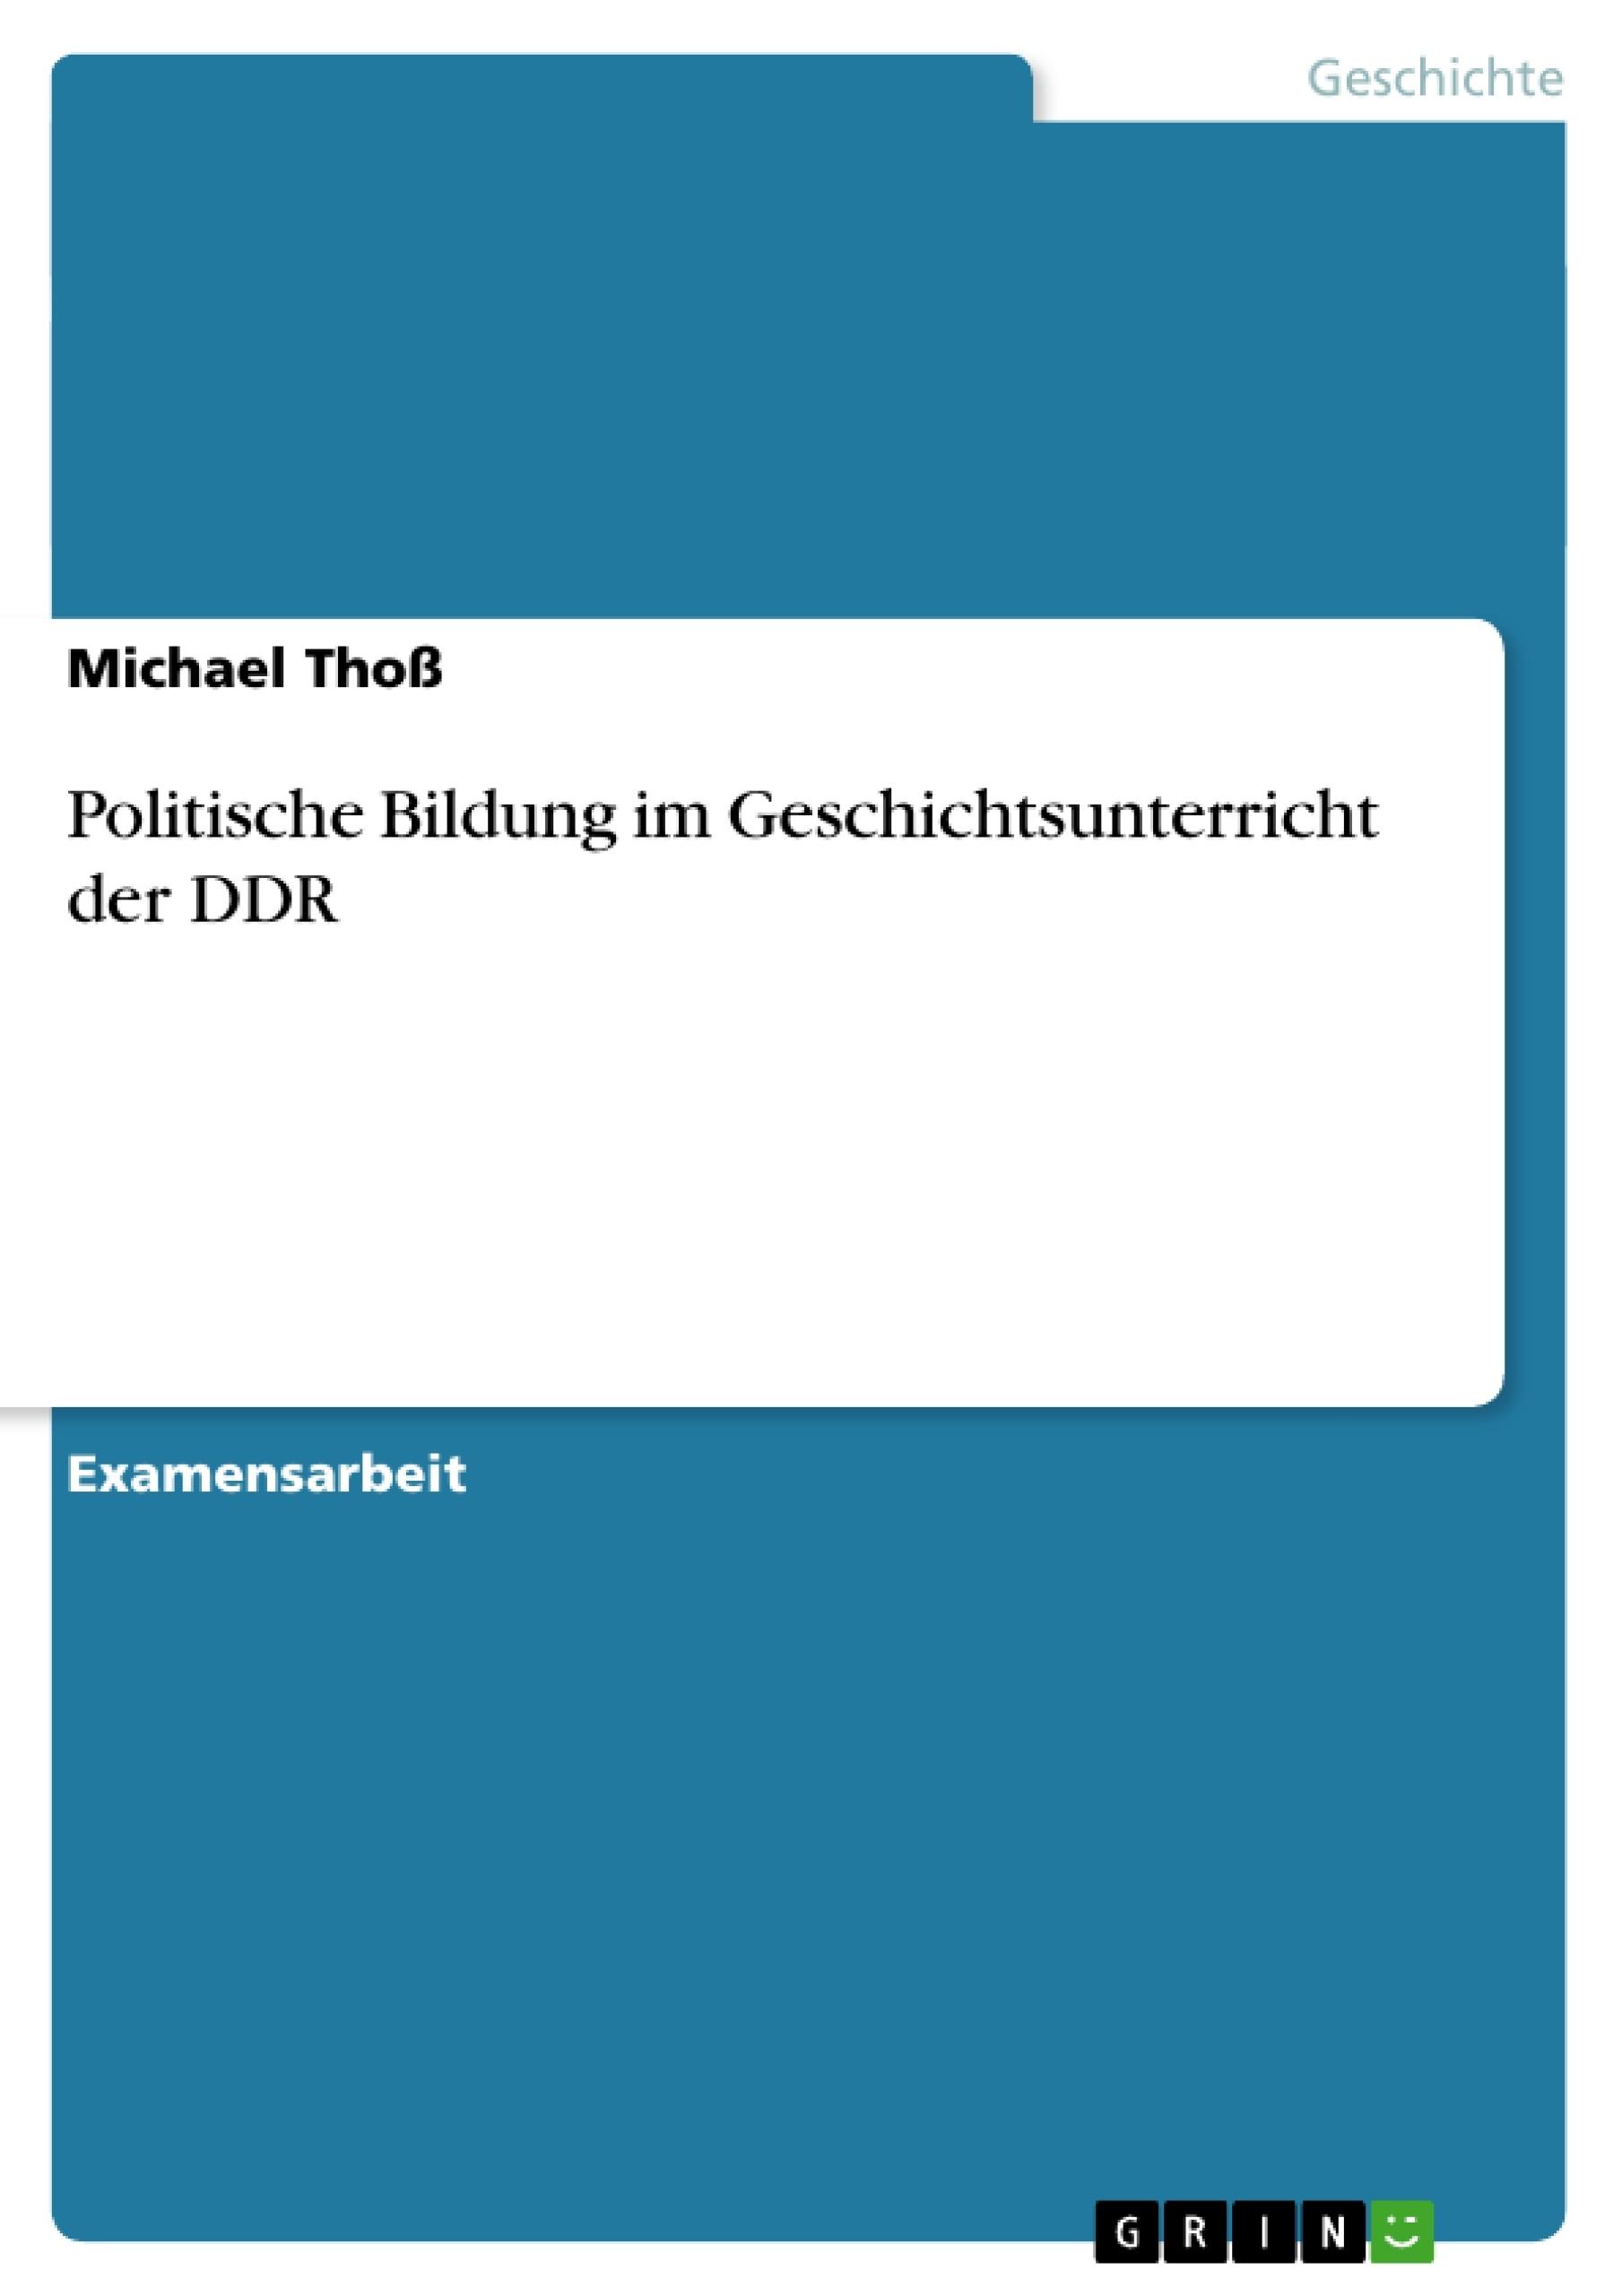 Titel: Politische Bildung im Geschichtsunterricht der DDR